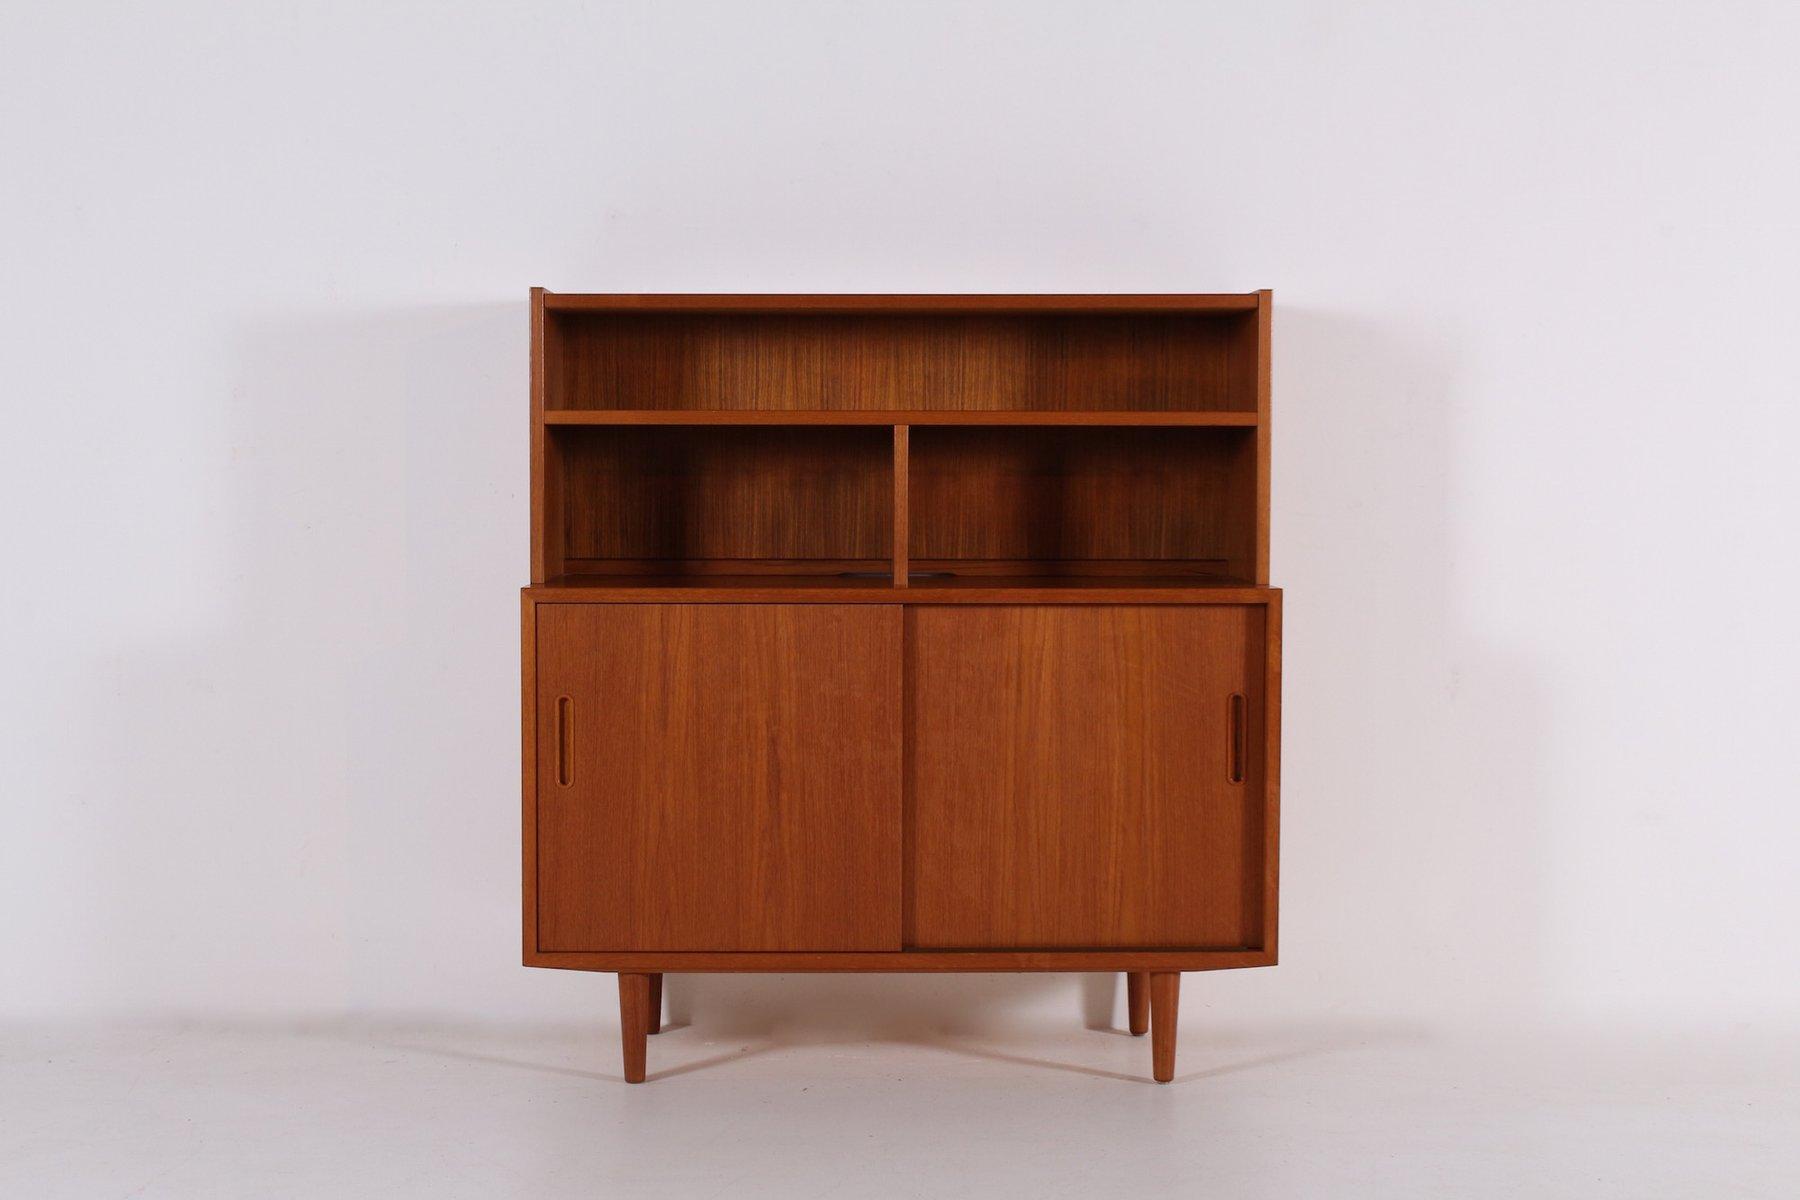 sideboard aus teak mit schiebet ren von poul hundevad f r hundevad co 1970er bei pamono kaufen. Black Bedroom Furniture Sets. Home Design Ideas